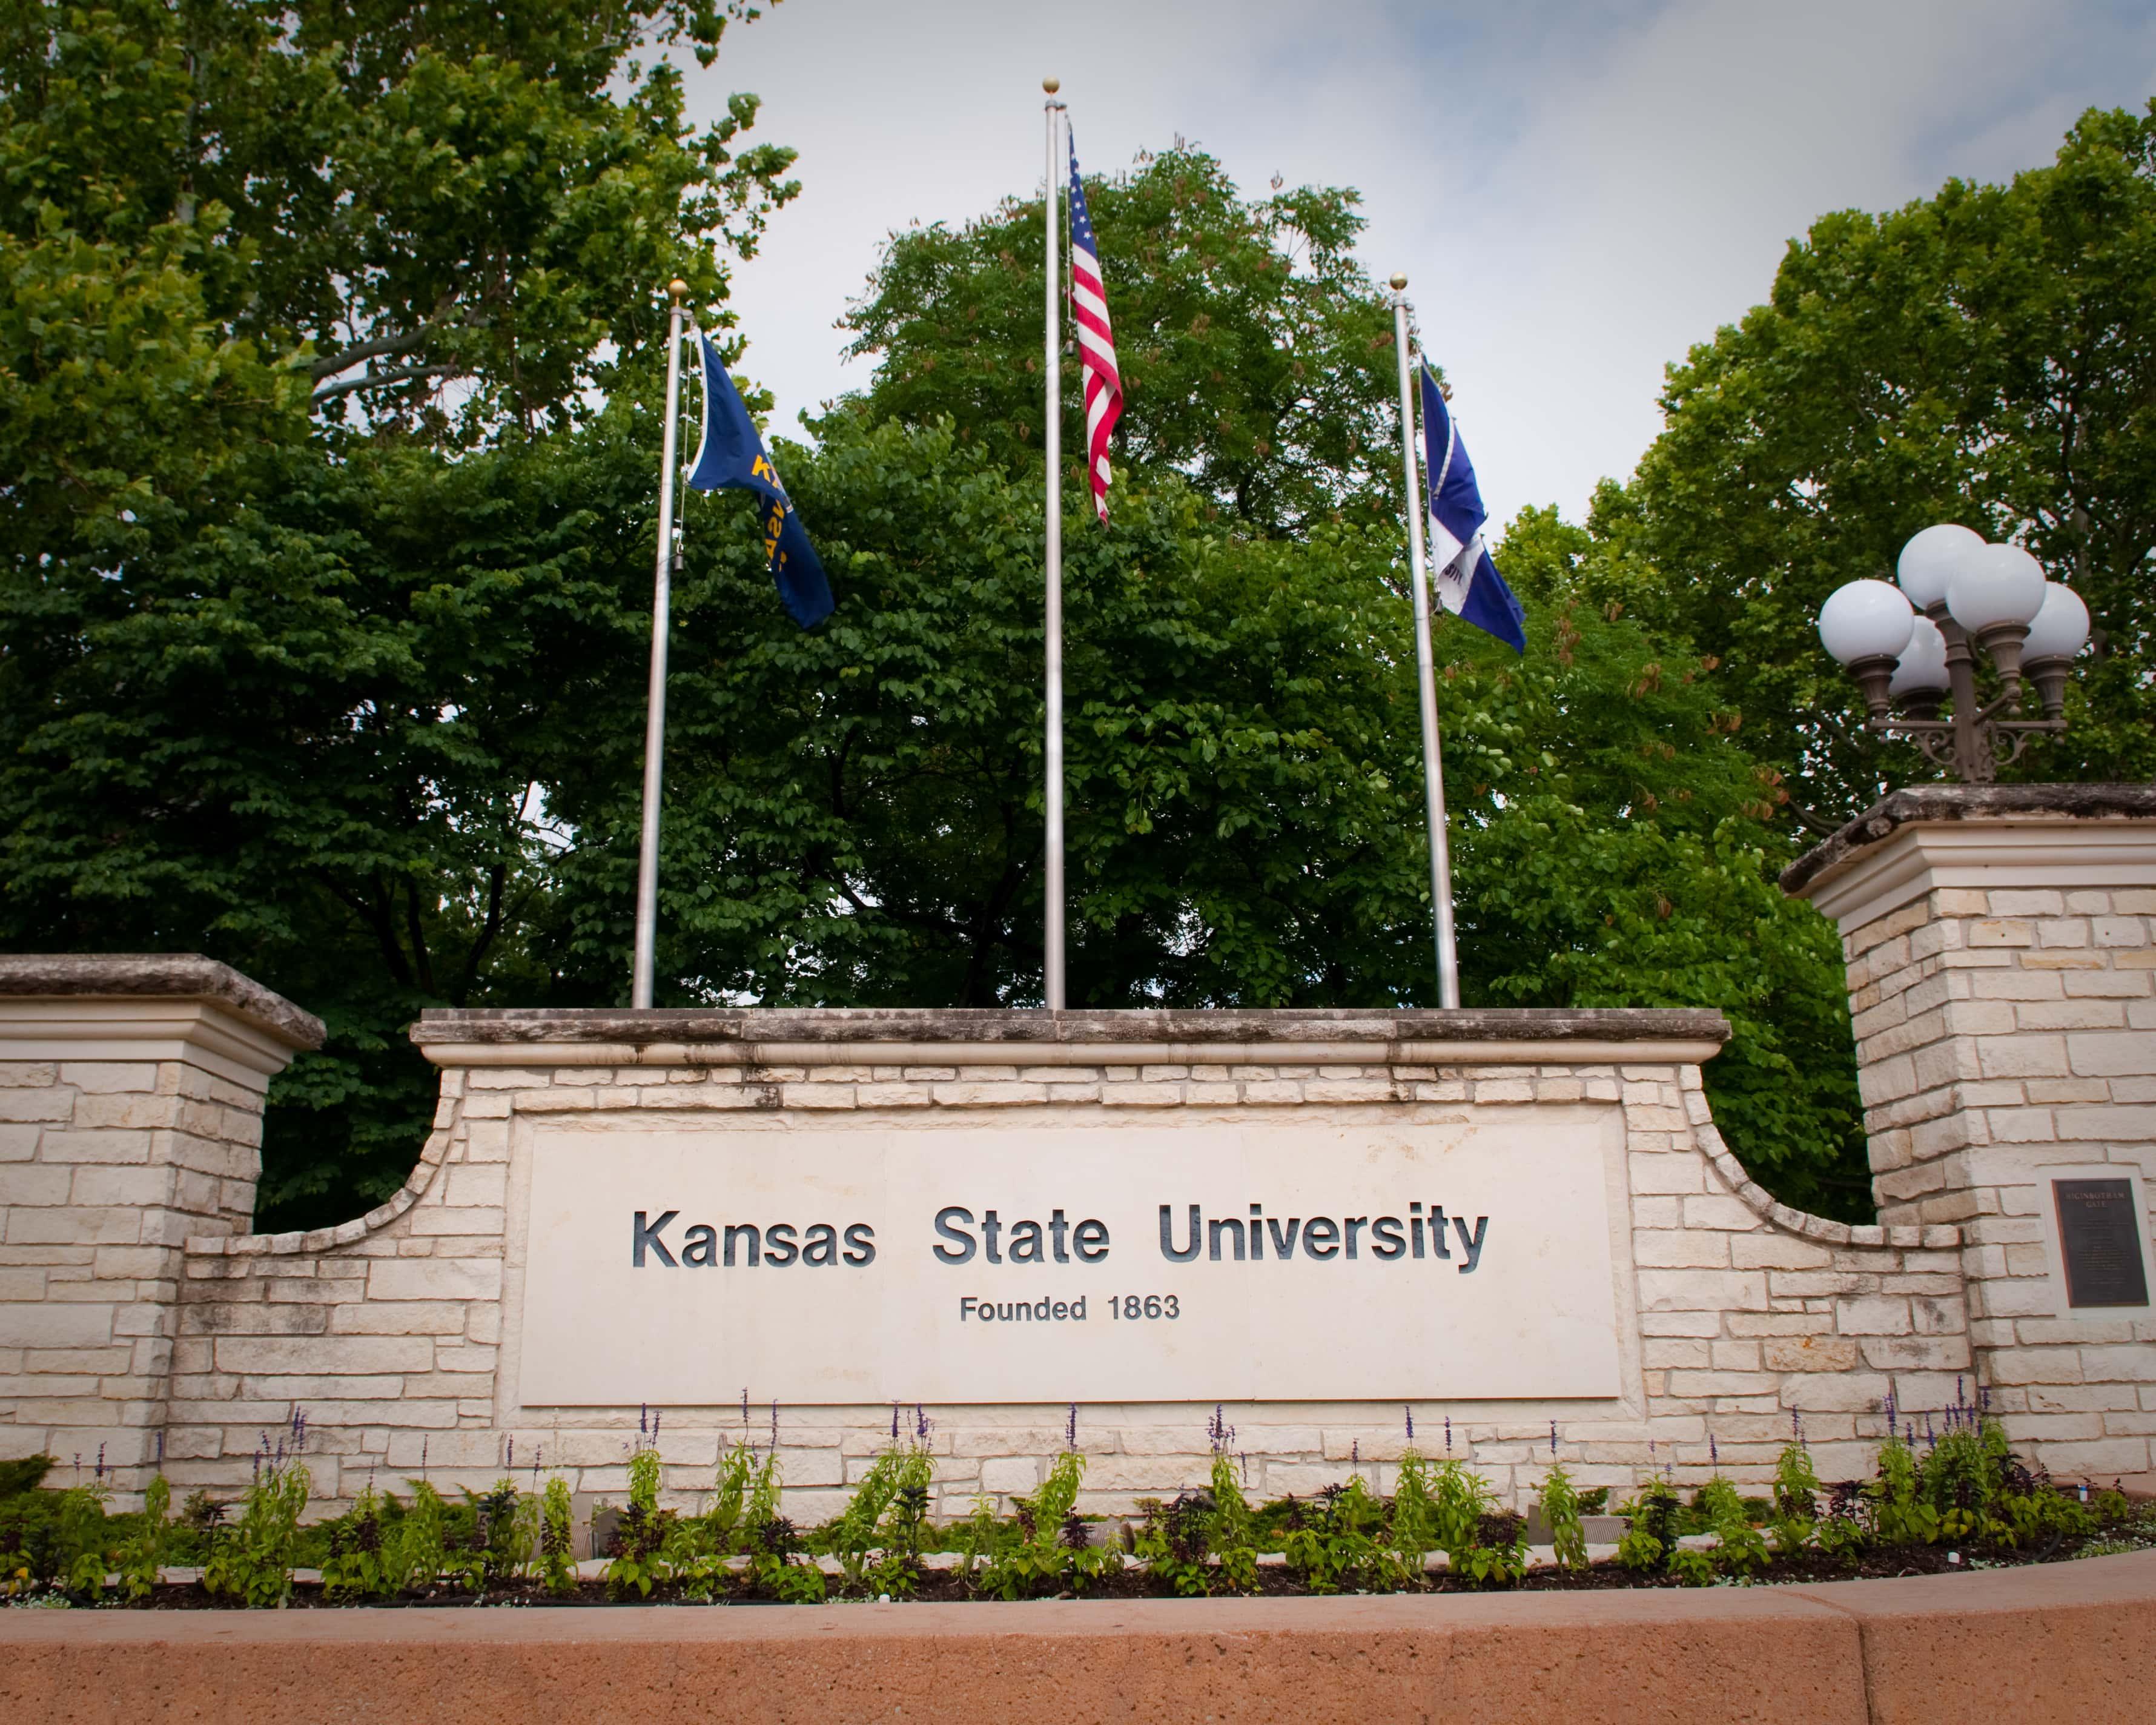 Kansas State University >> Shots Fired During Dispute On The Kansas State University